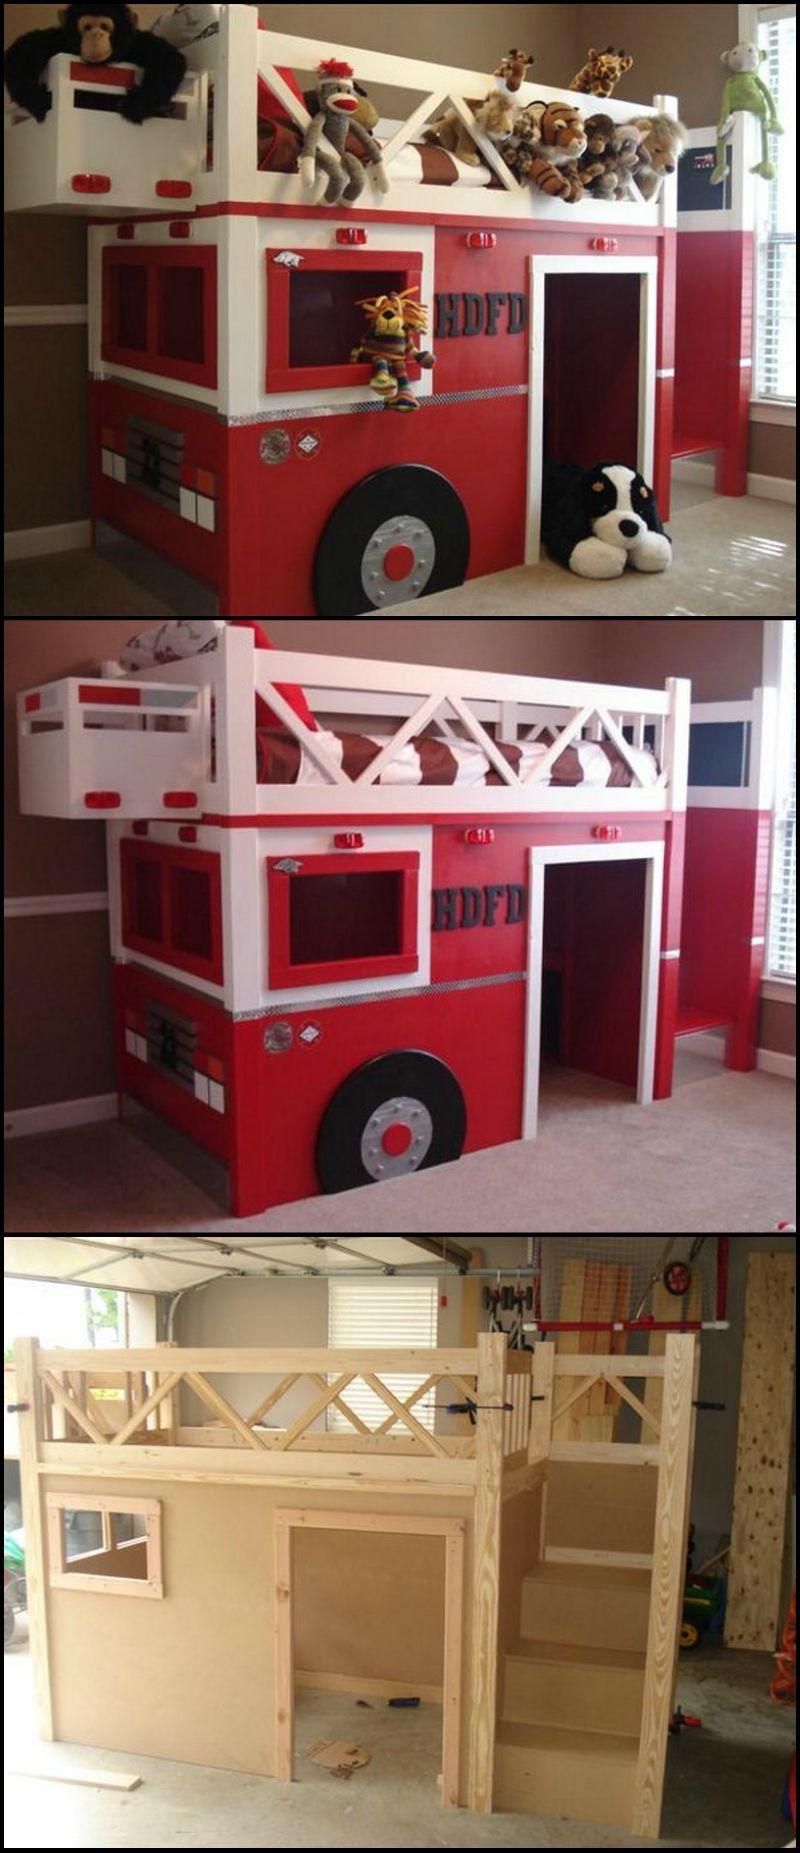 Feuerwehr Bett Selber Bauen Diy Mobel Fur Das Kinderzimmer Basteln